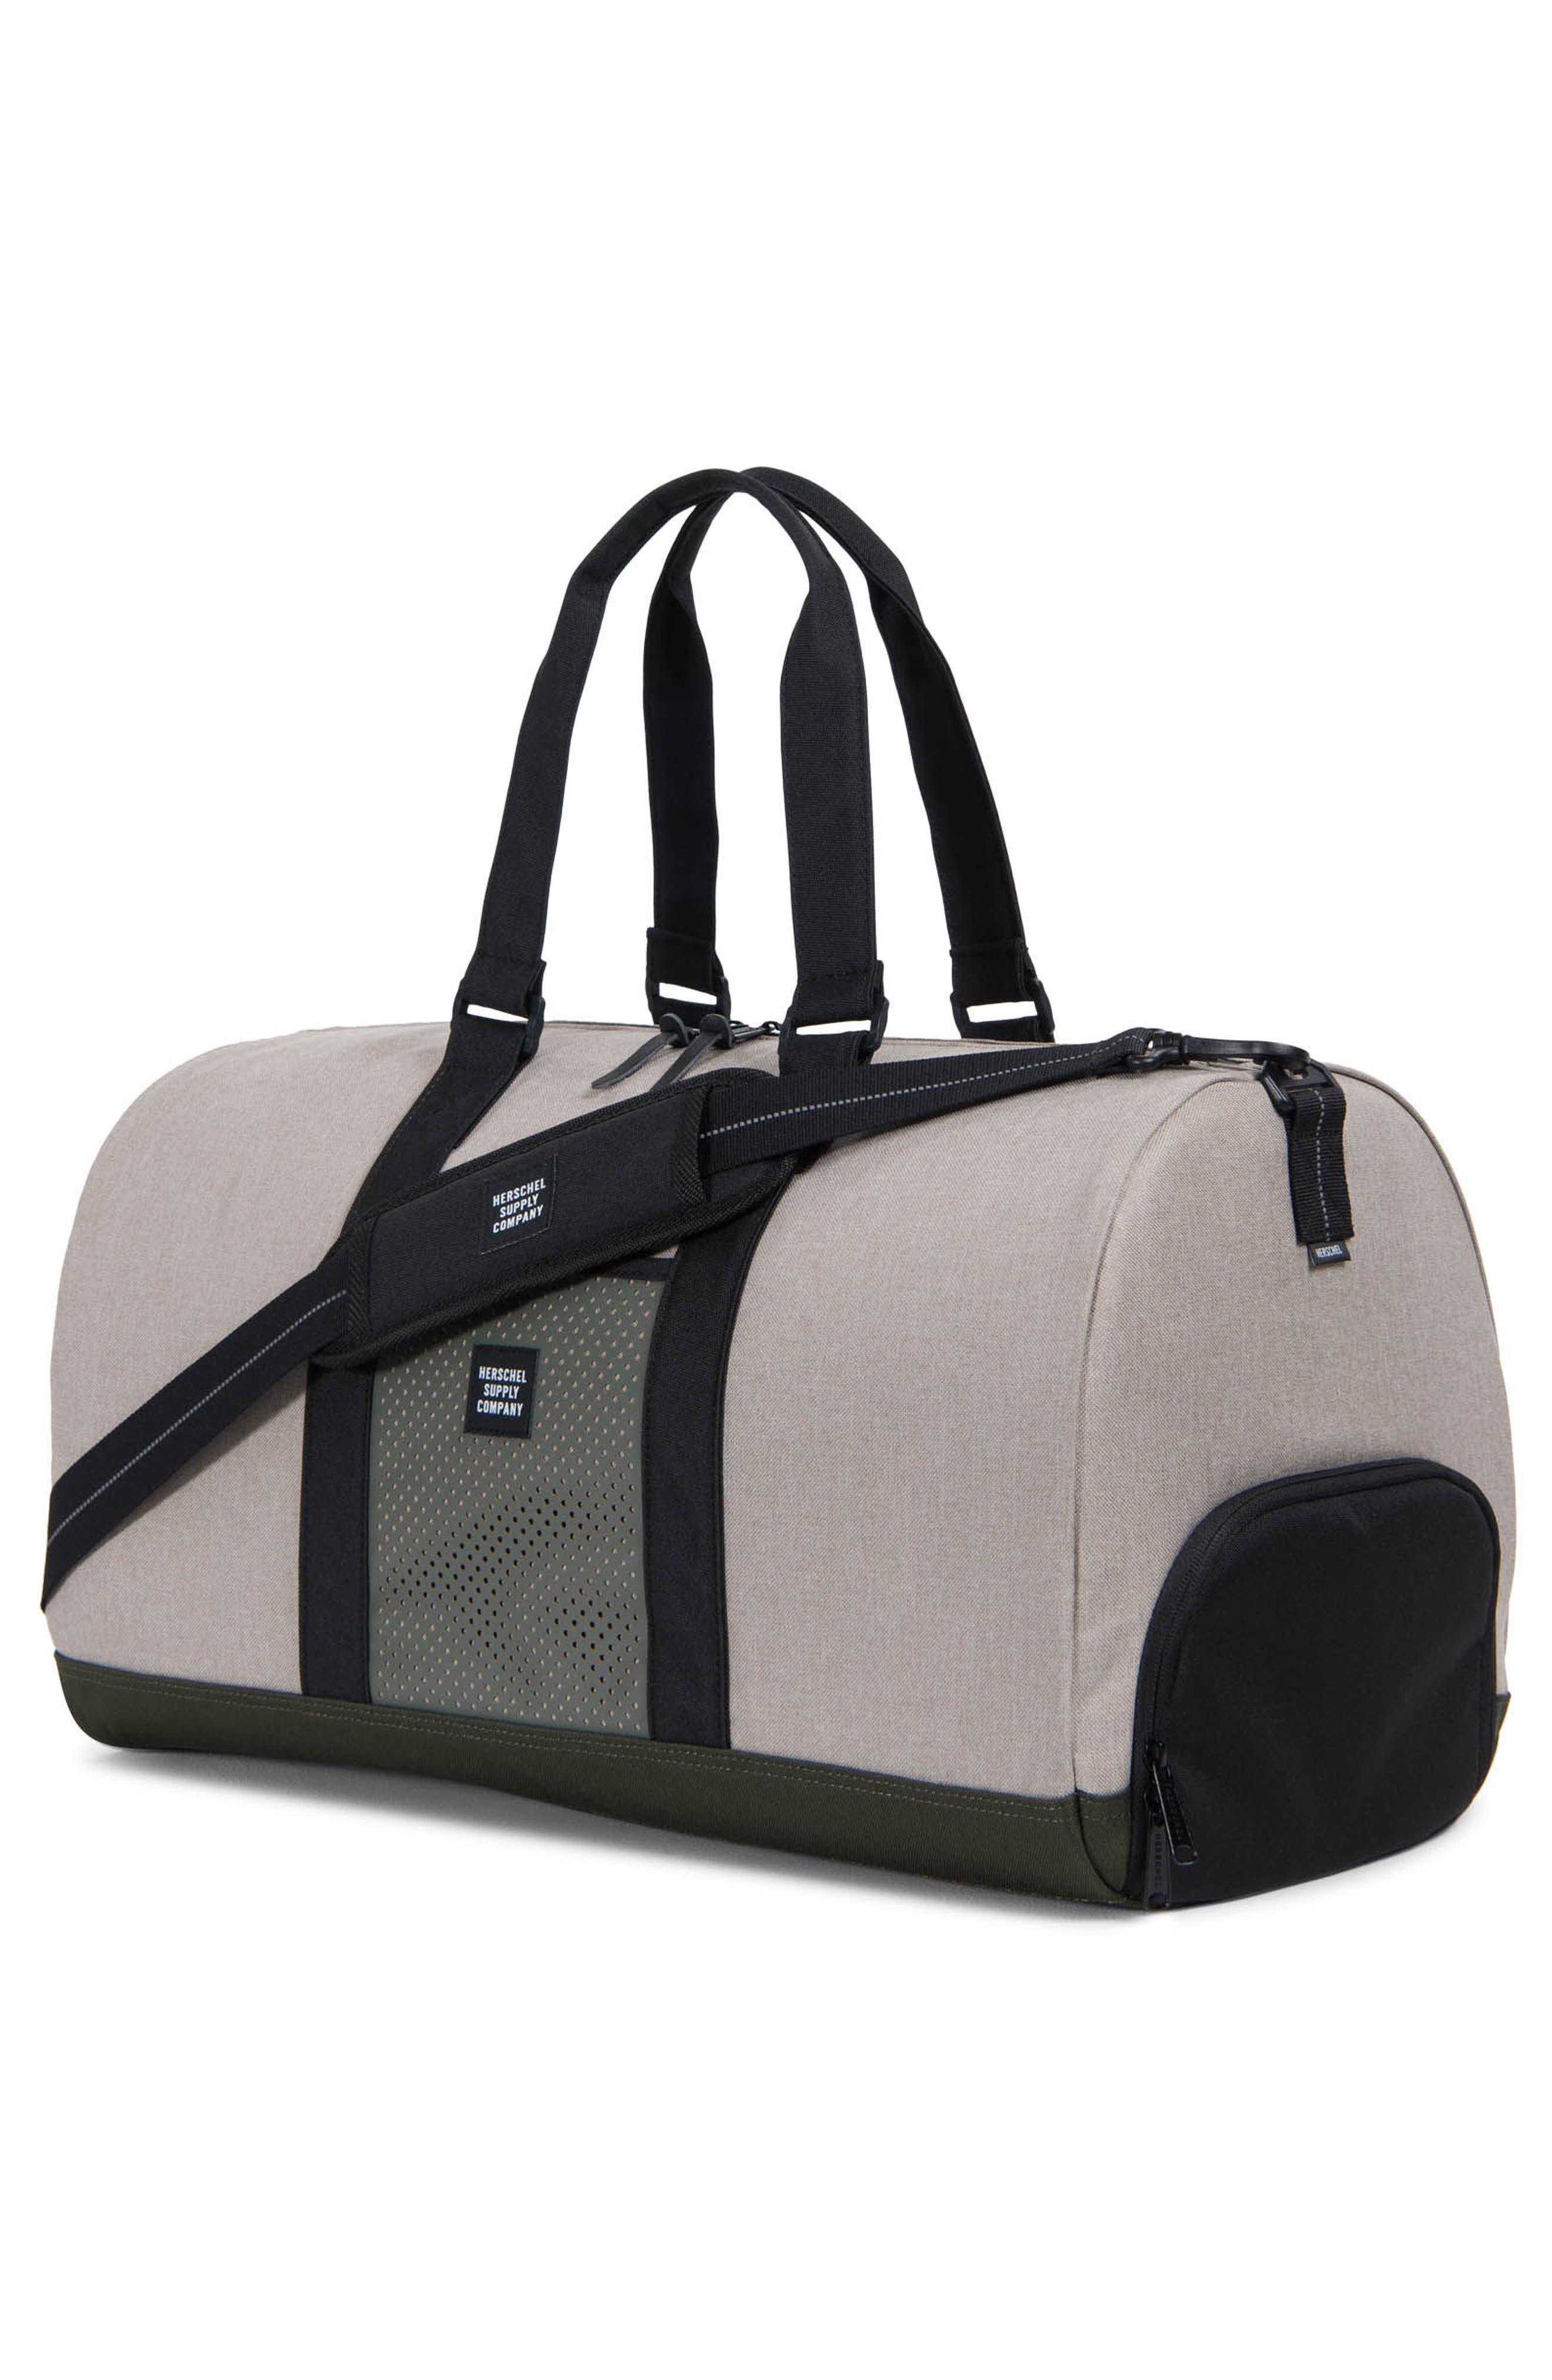 Alternate Image 3  - Herschel Supply Co. 'Novel - Aspect' Duffel Bag